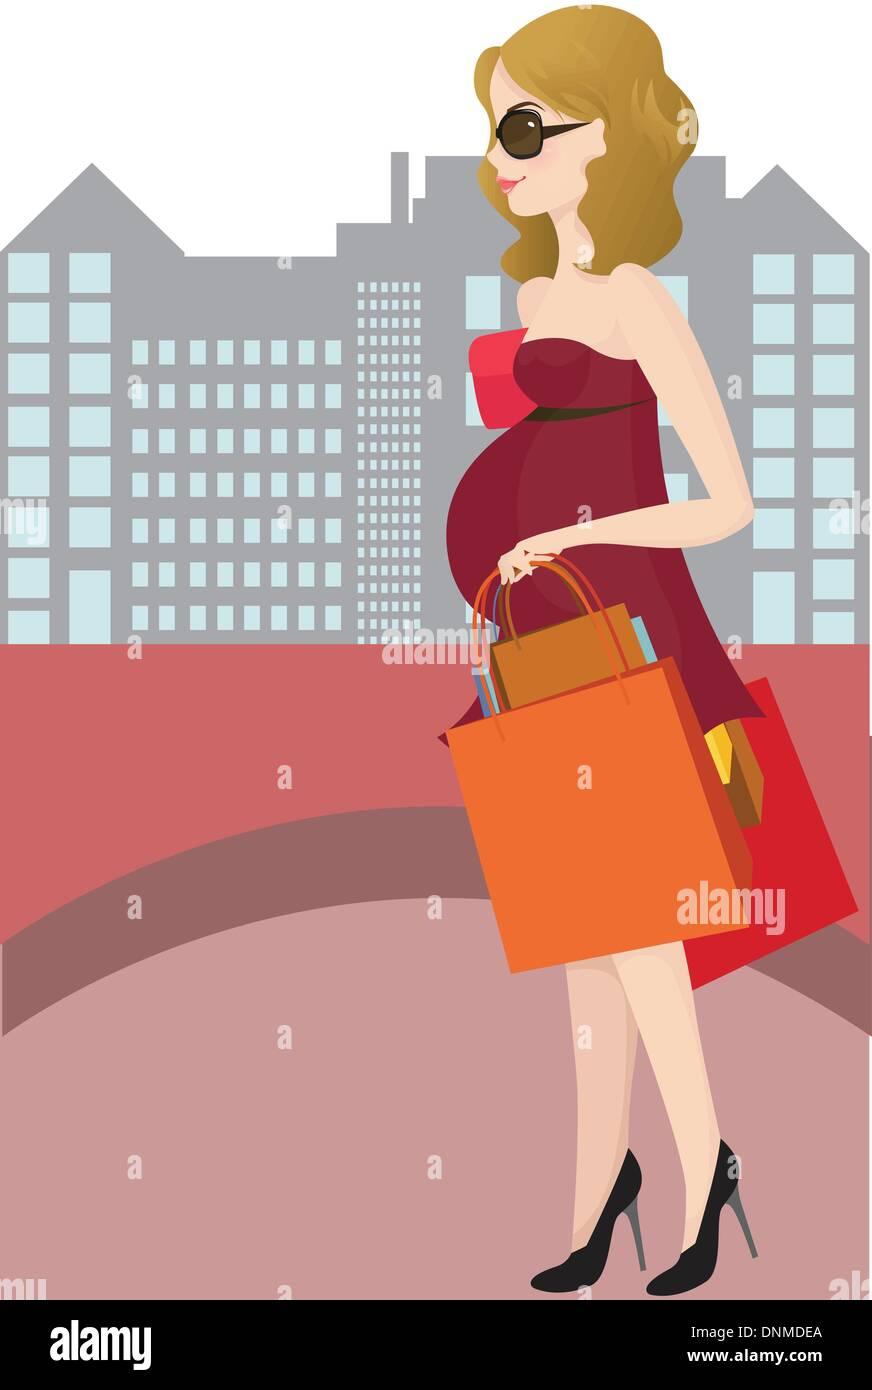 Una ilustración vectorial de una mujer embarazada para ir de compras Imagen De Stock